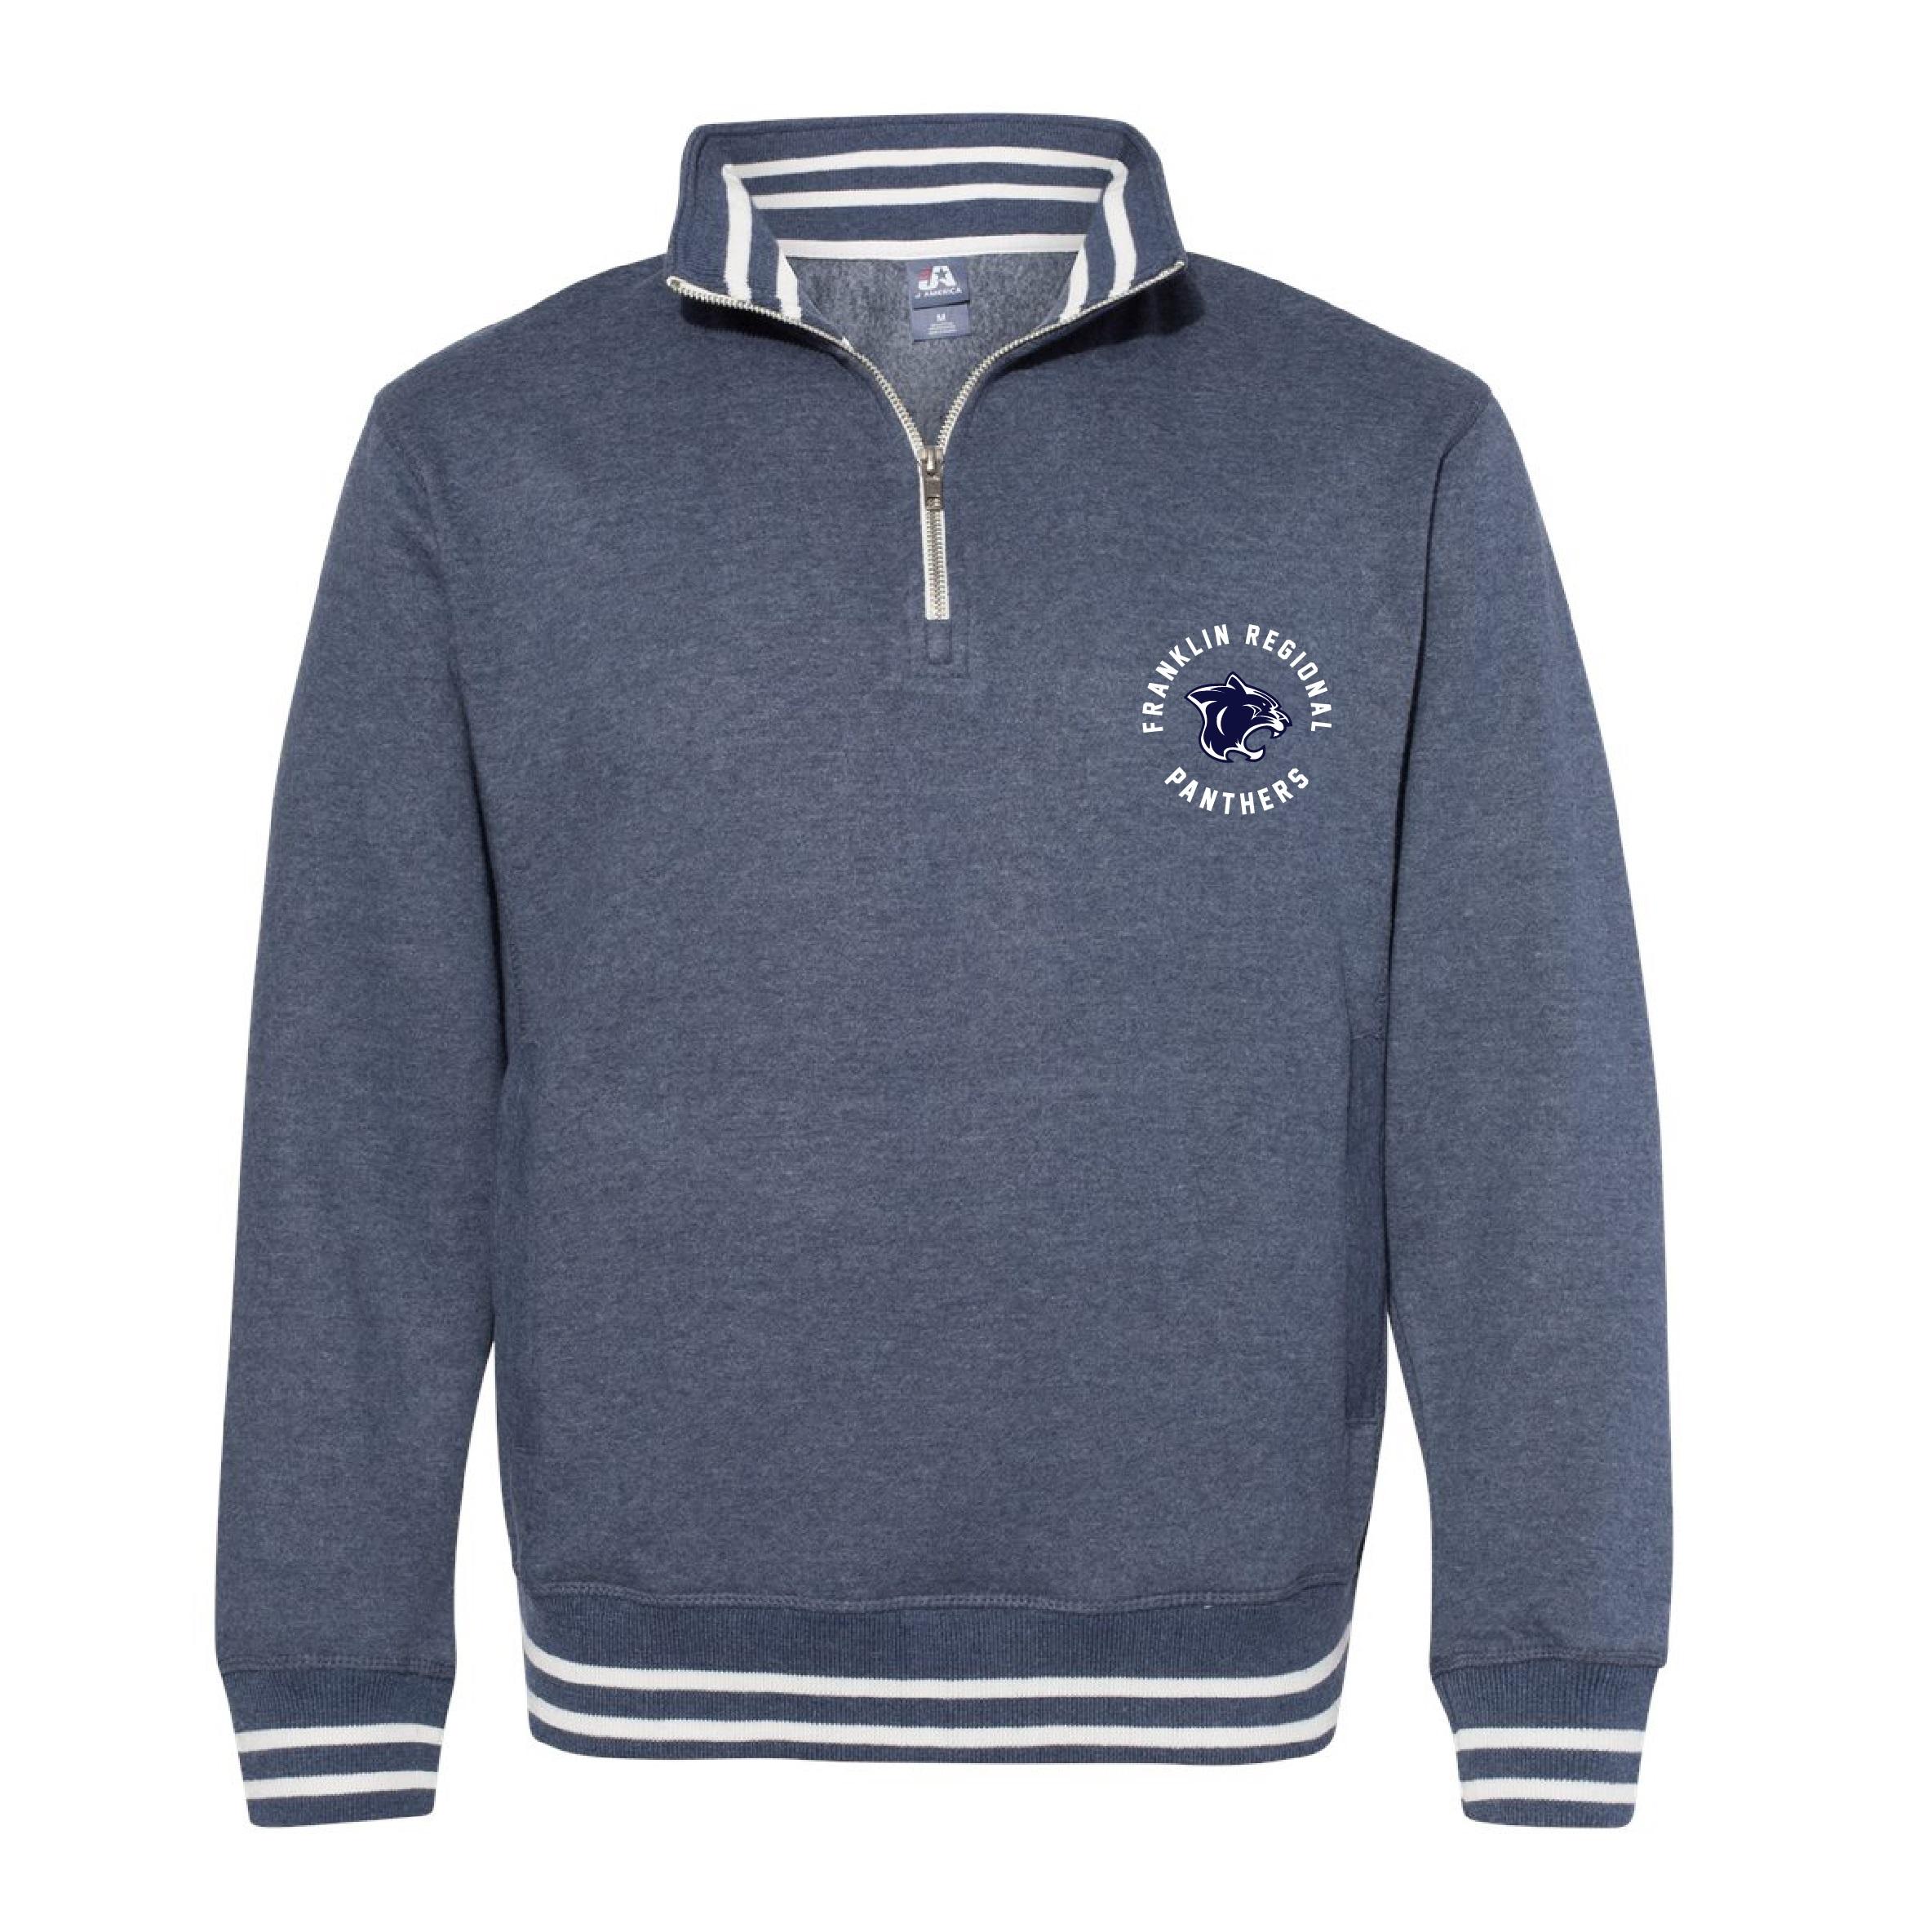 J. America Fleece 1/4 Zip Sweatshirt